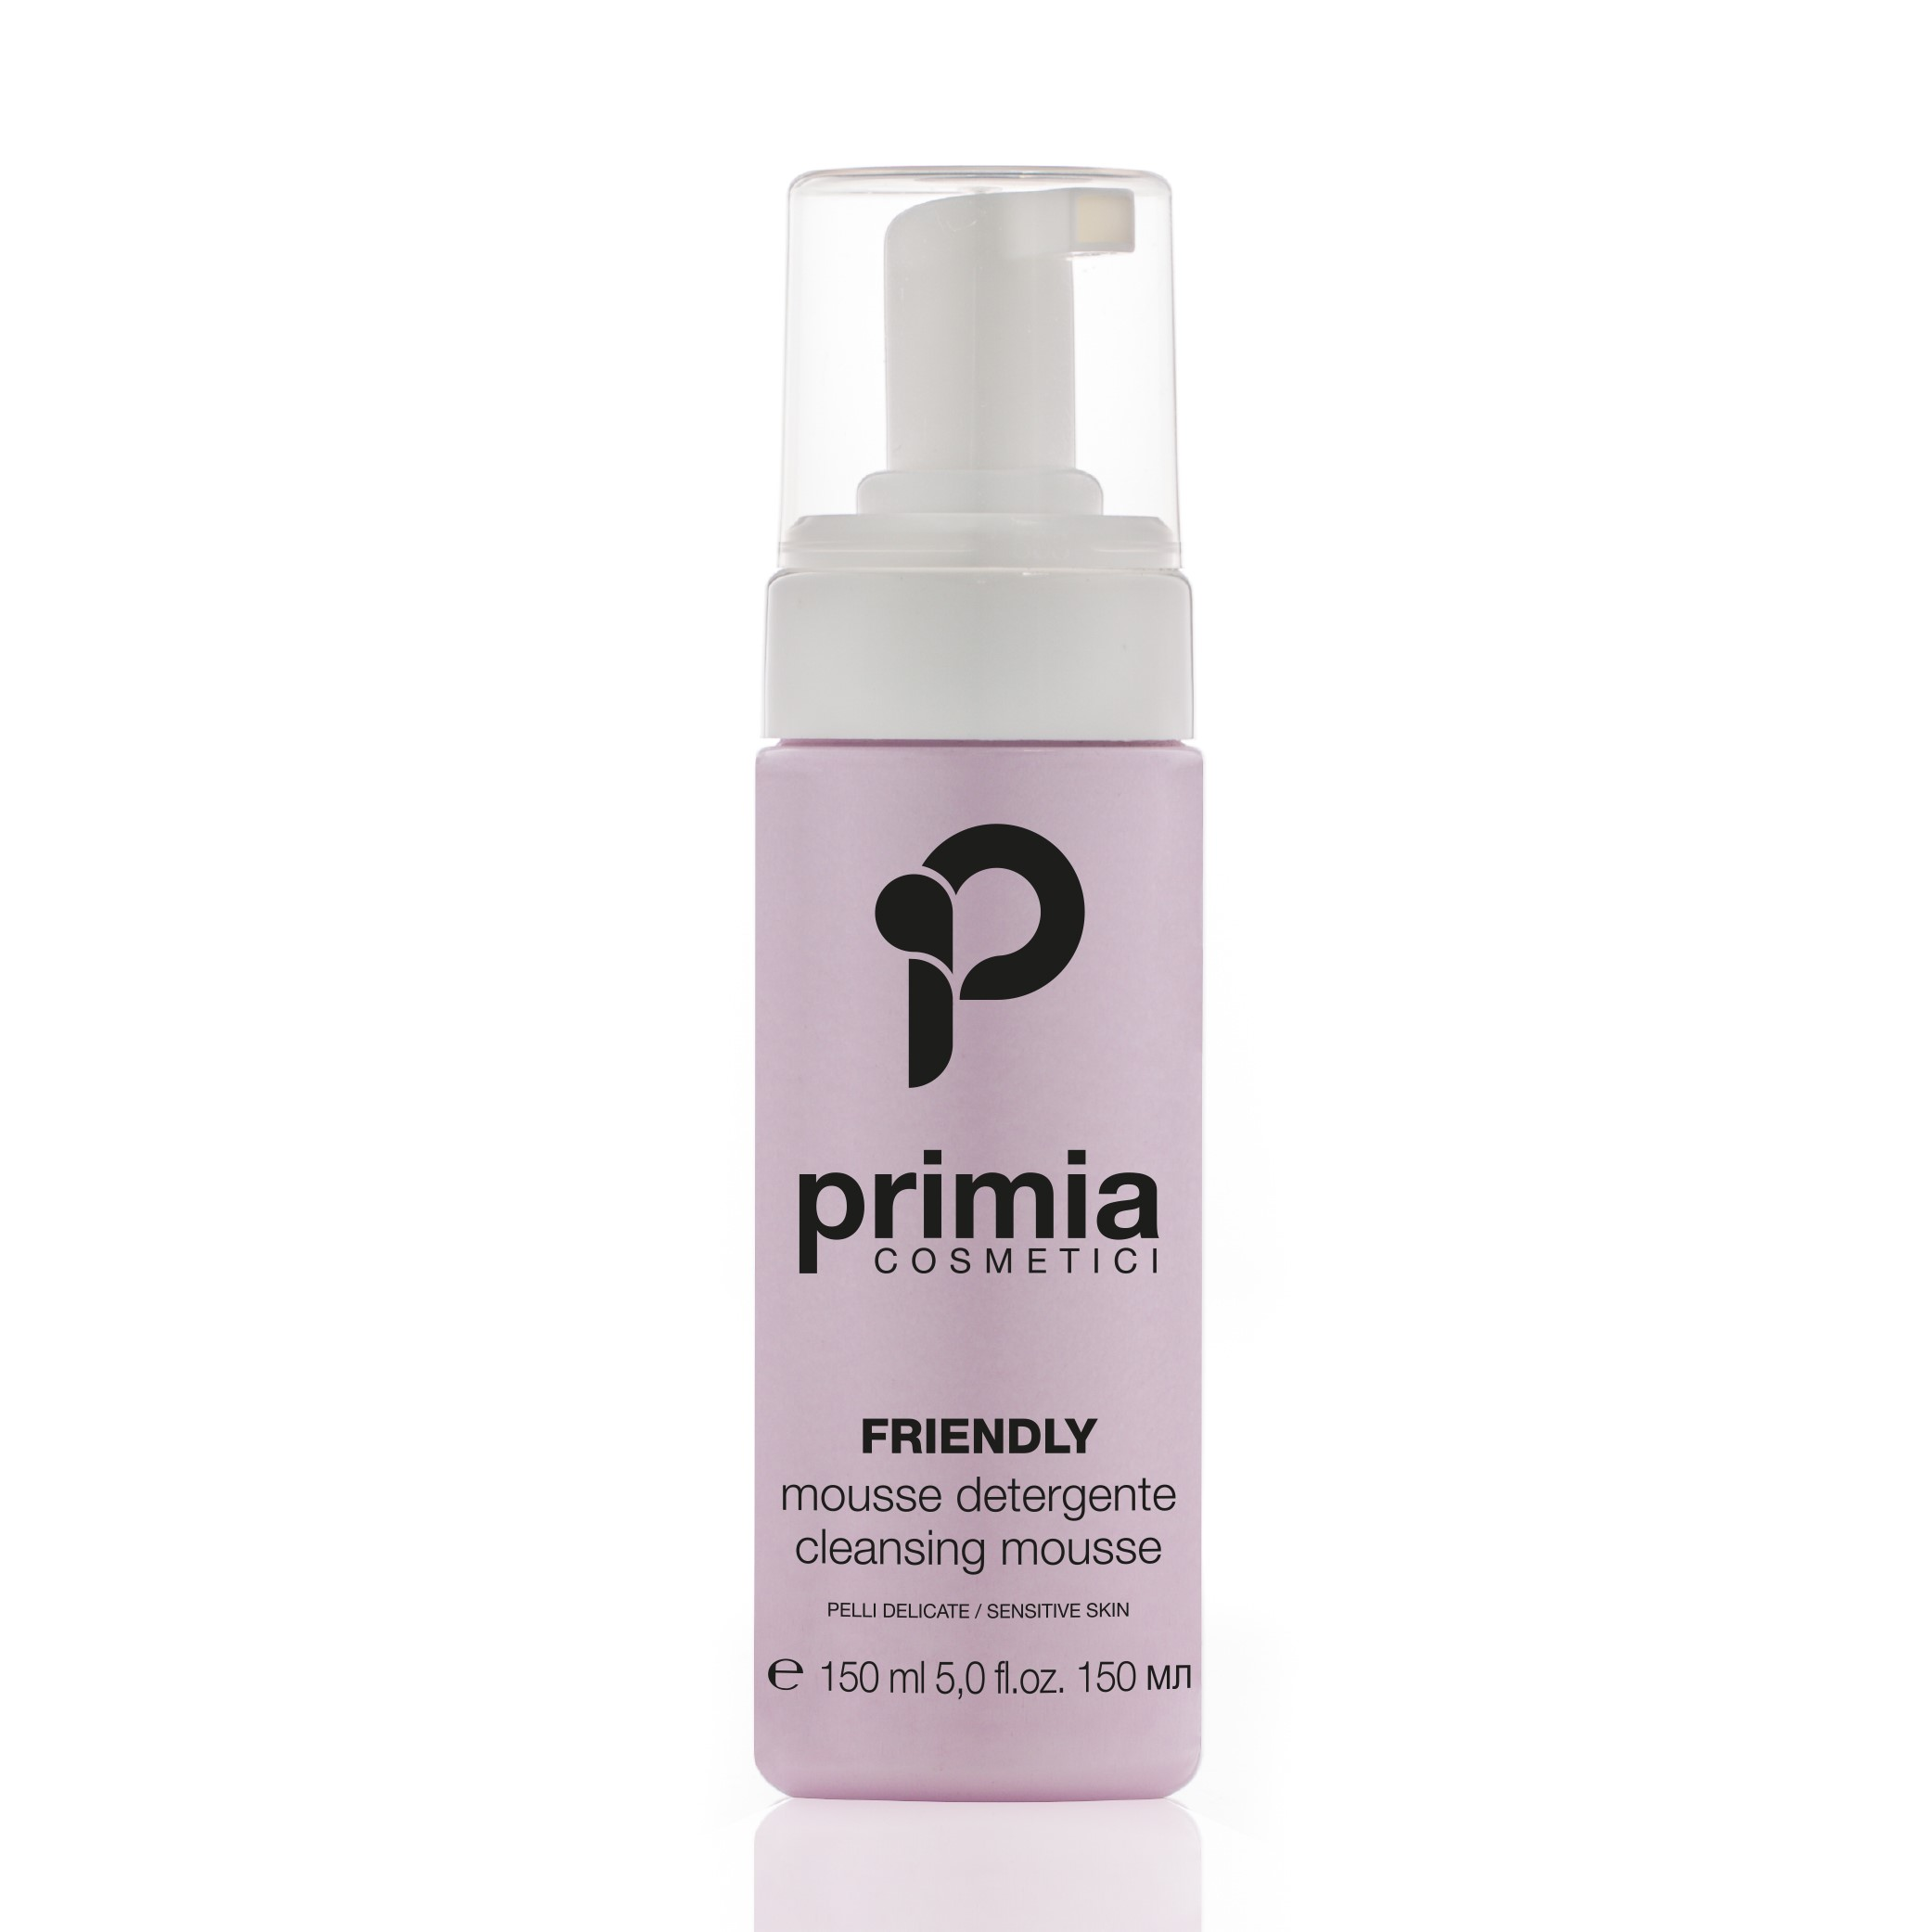 PRIMIA COSMETICI Мусс очищающий для чувствительной кожи / Friendly Sensitive cleansing mousse 150 мл - Муссы